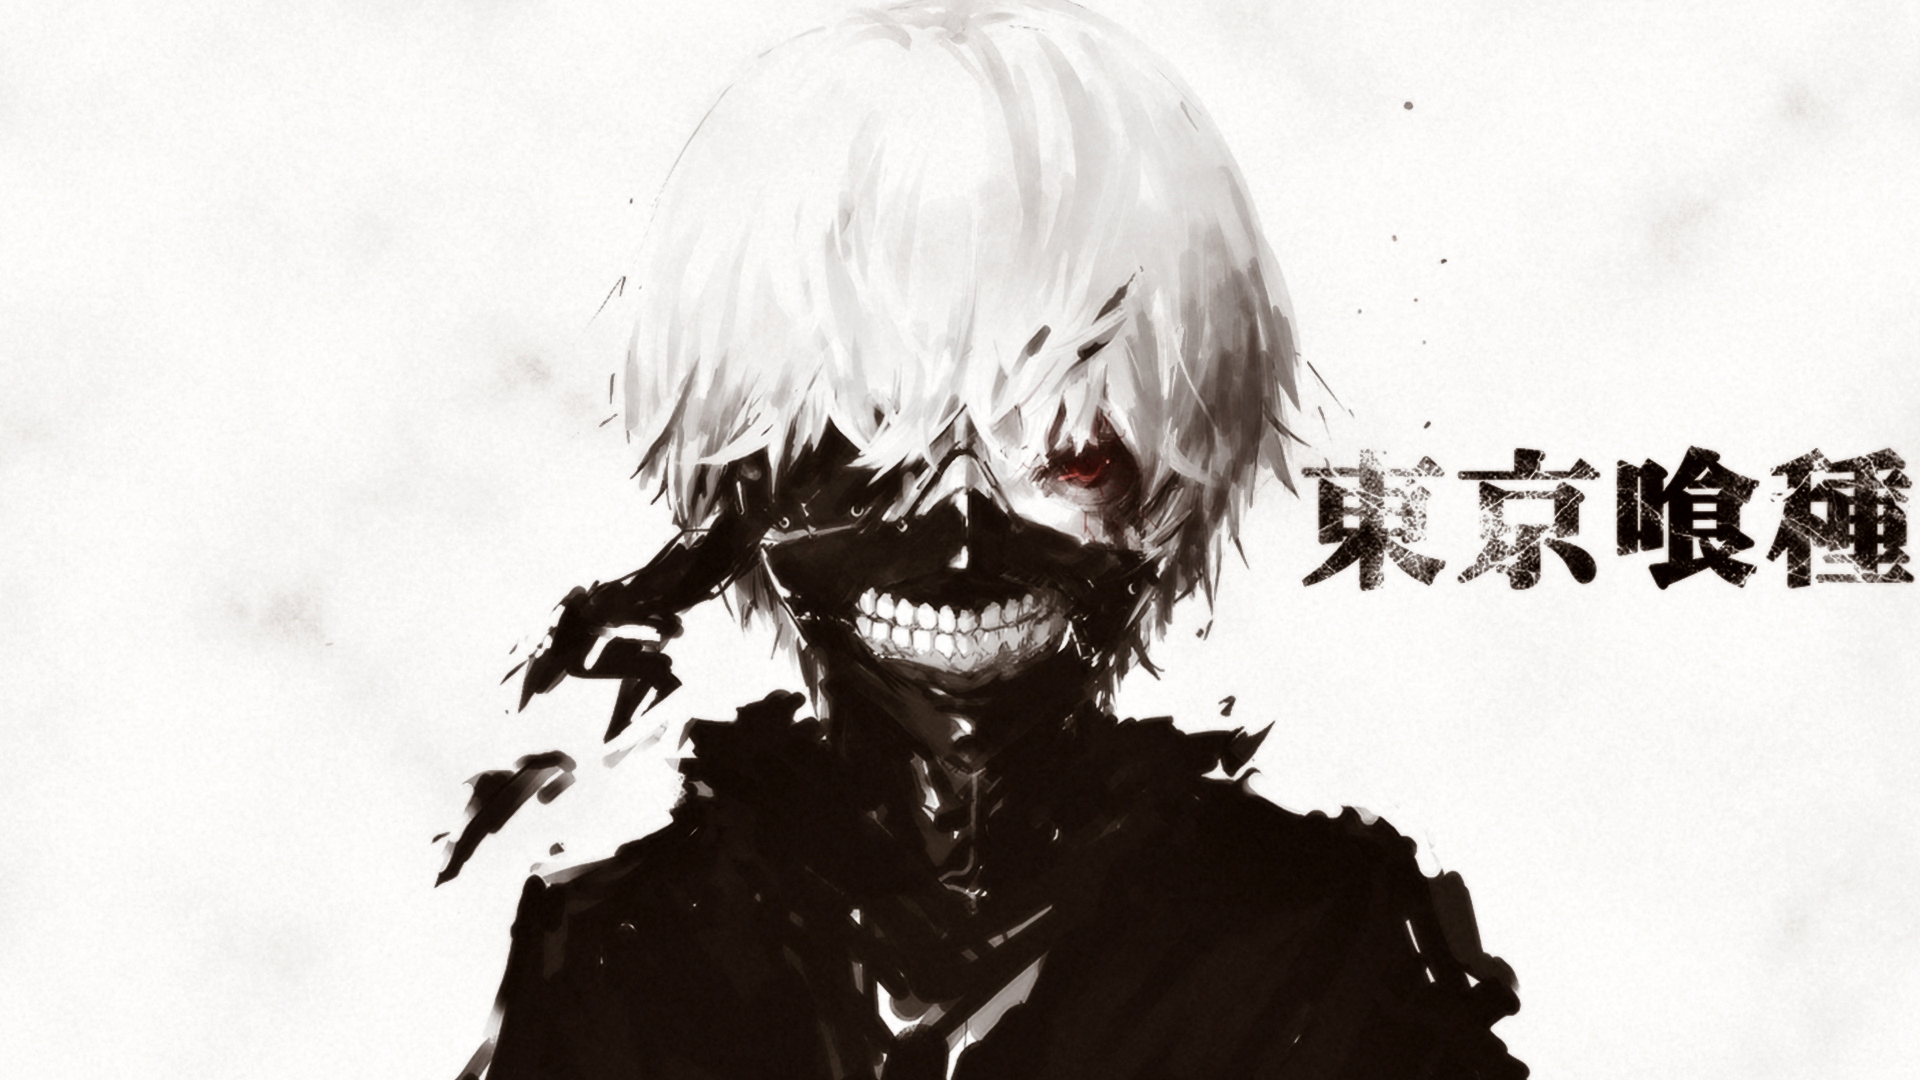 Tokyo Ghoul wallpaper 11